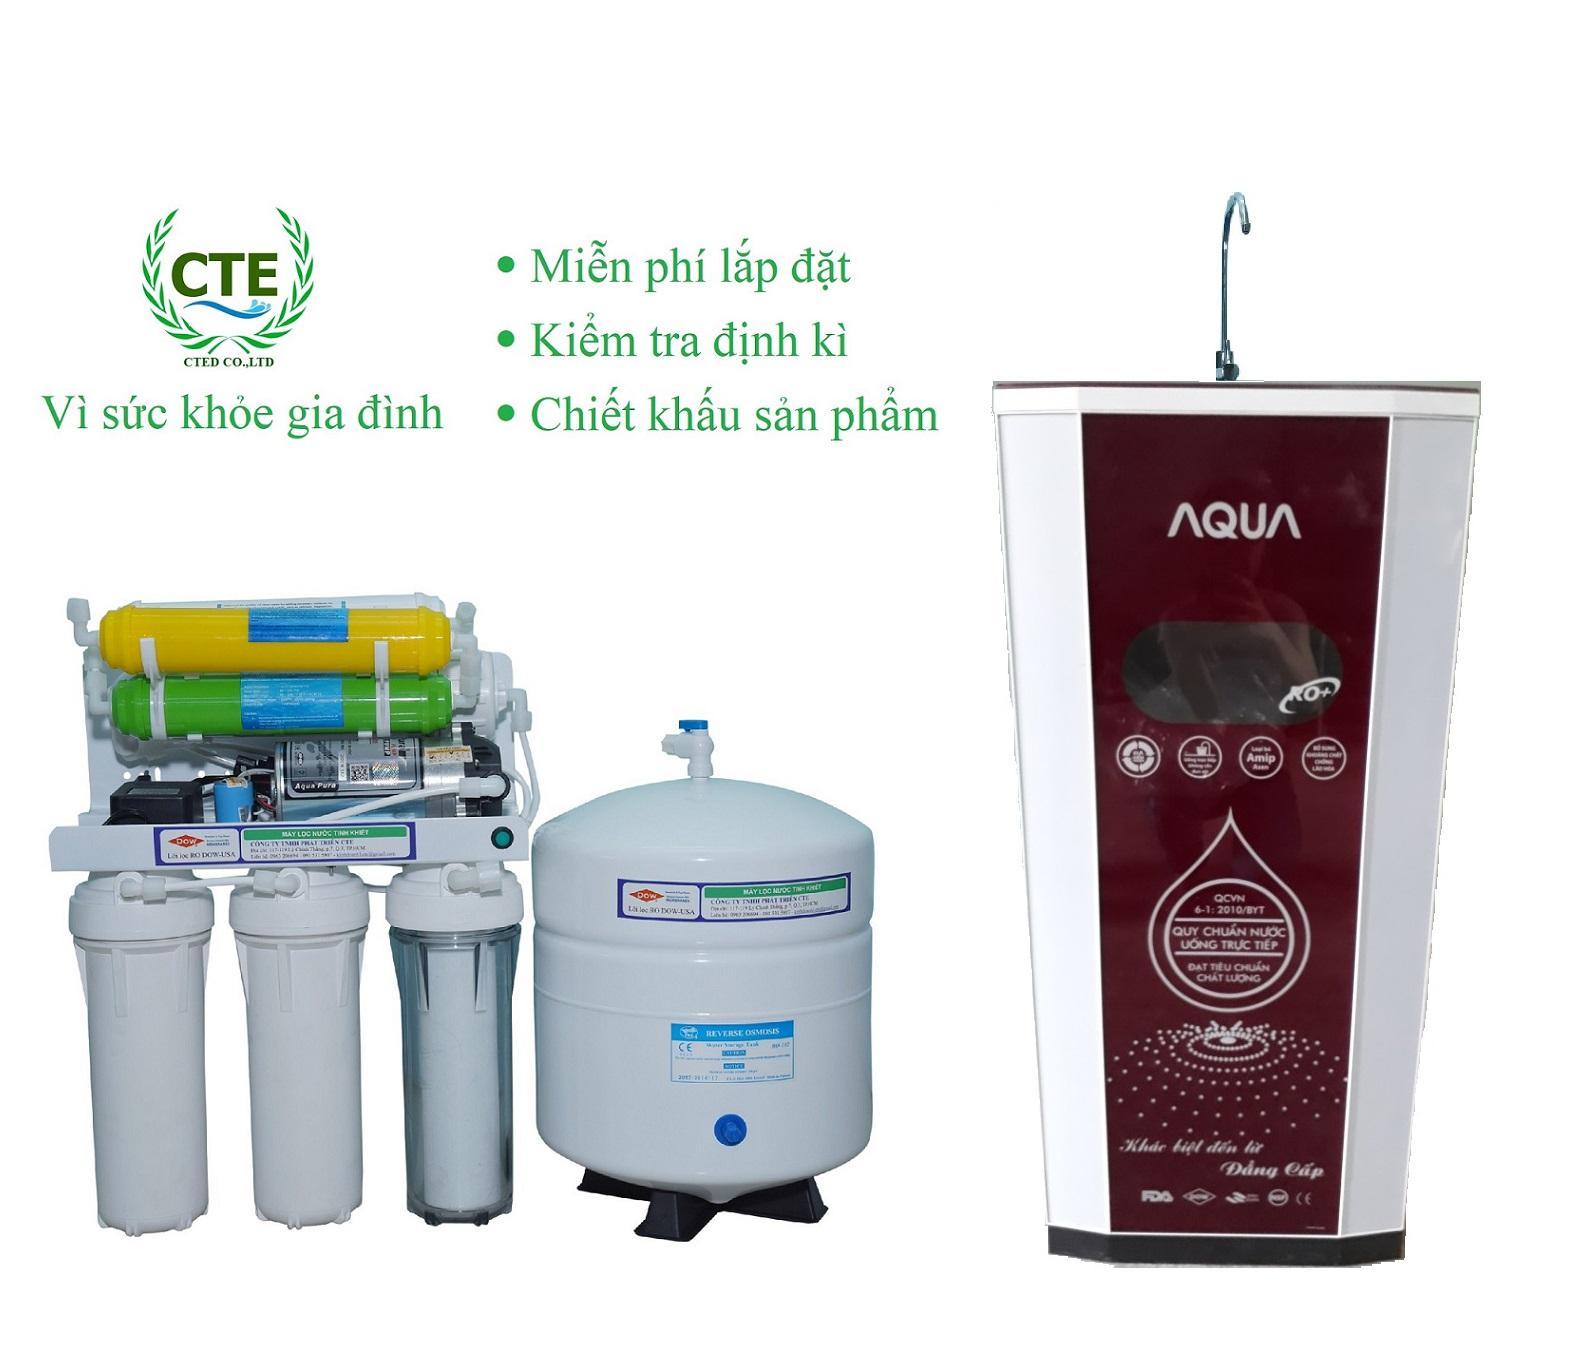 Bảng giá Máy lọc nước CTE 9 cấp lọc thùng 3D Điện máy Pico